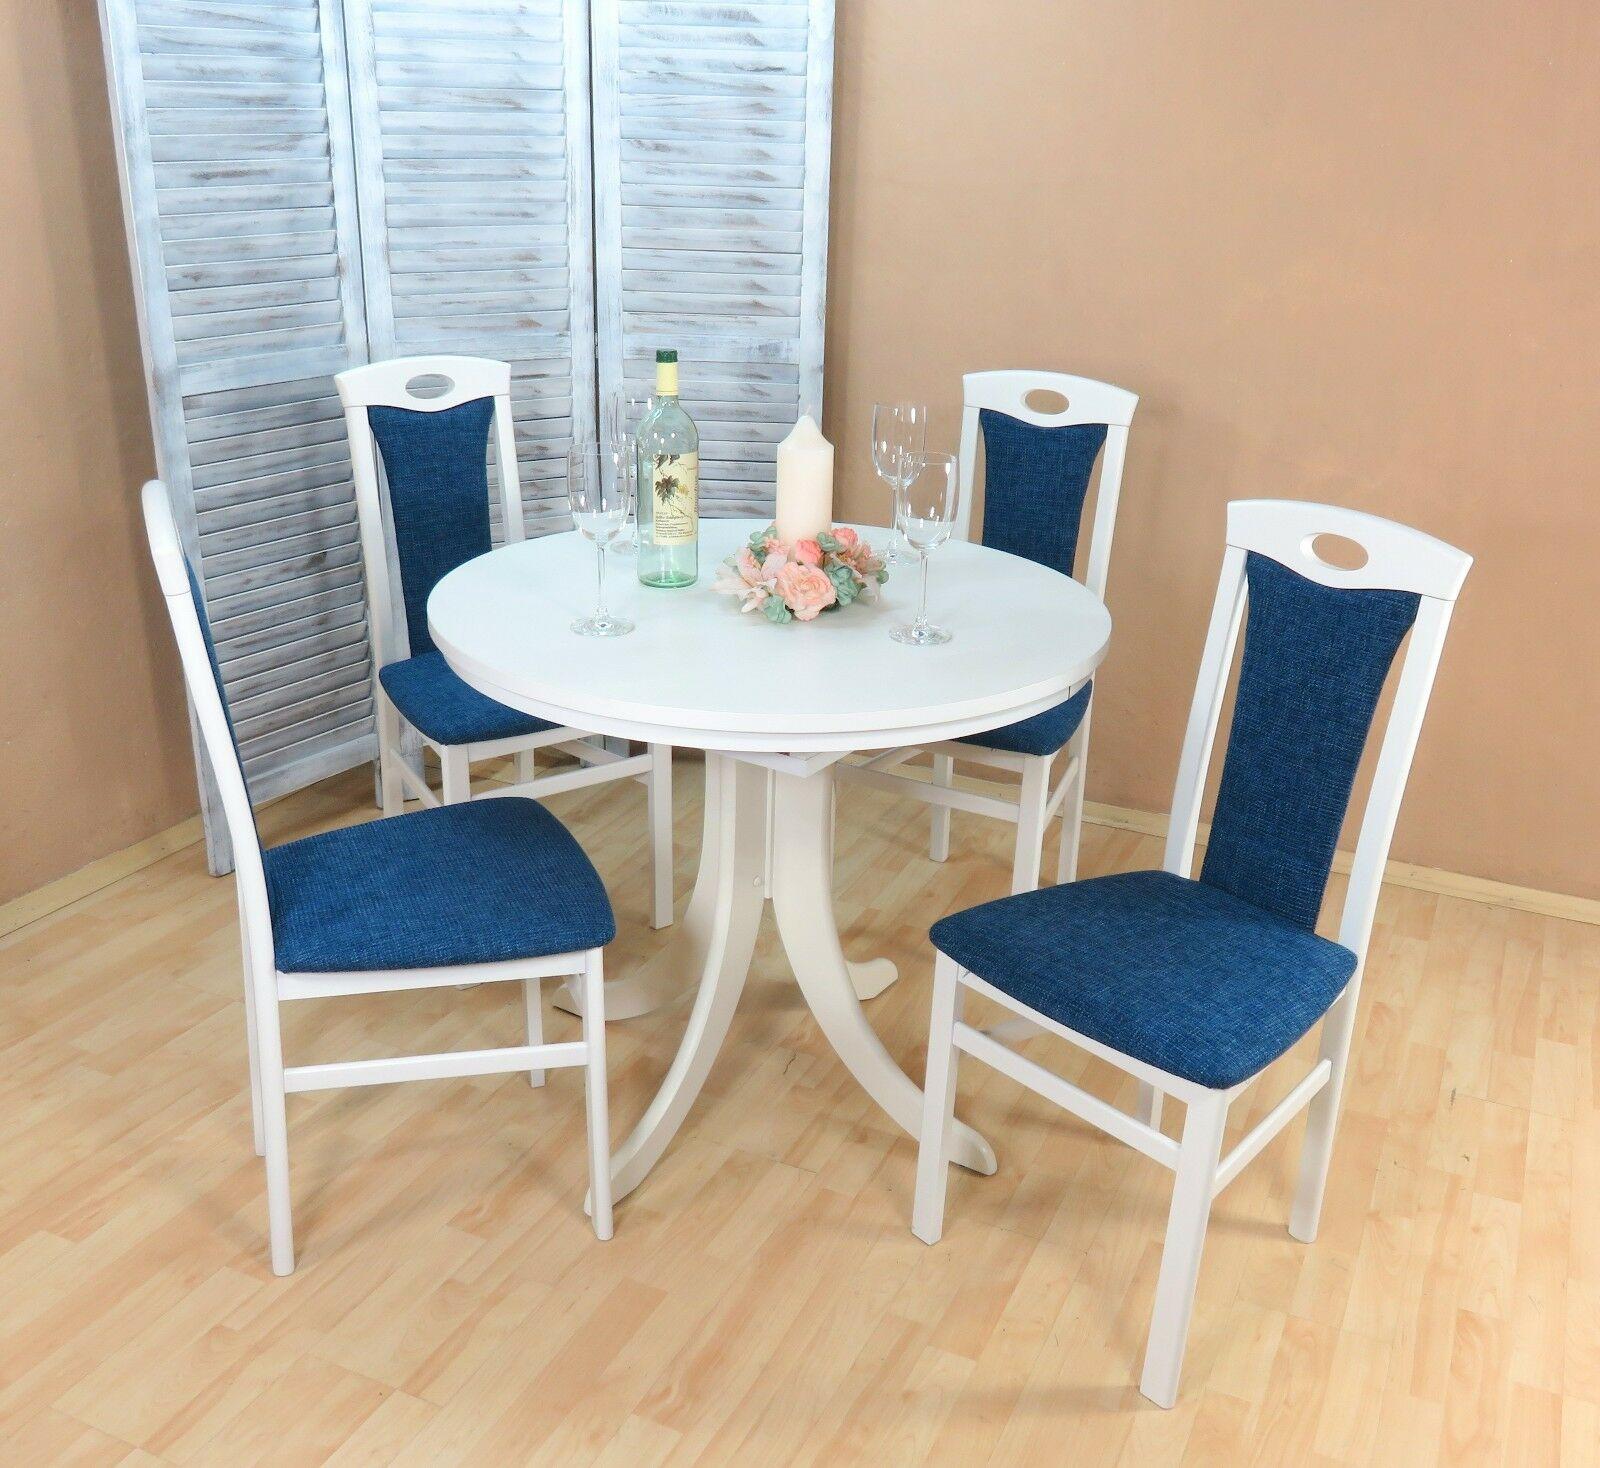 Tischgruppe Buche Massiv Weiss Blau Essgruppe Modern Design Günstig